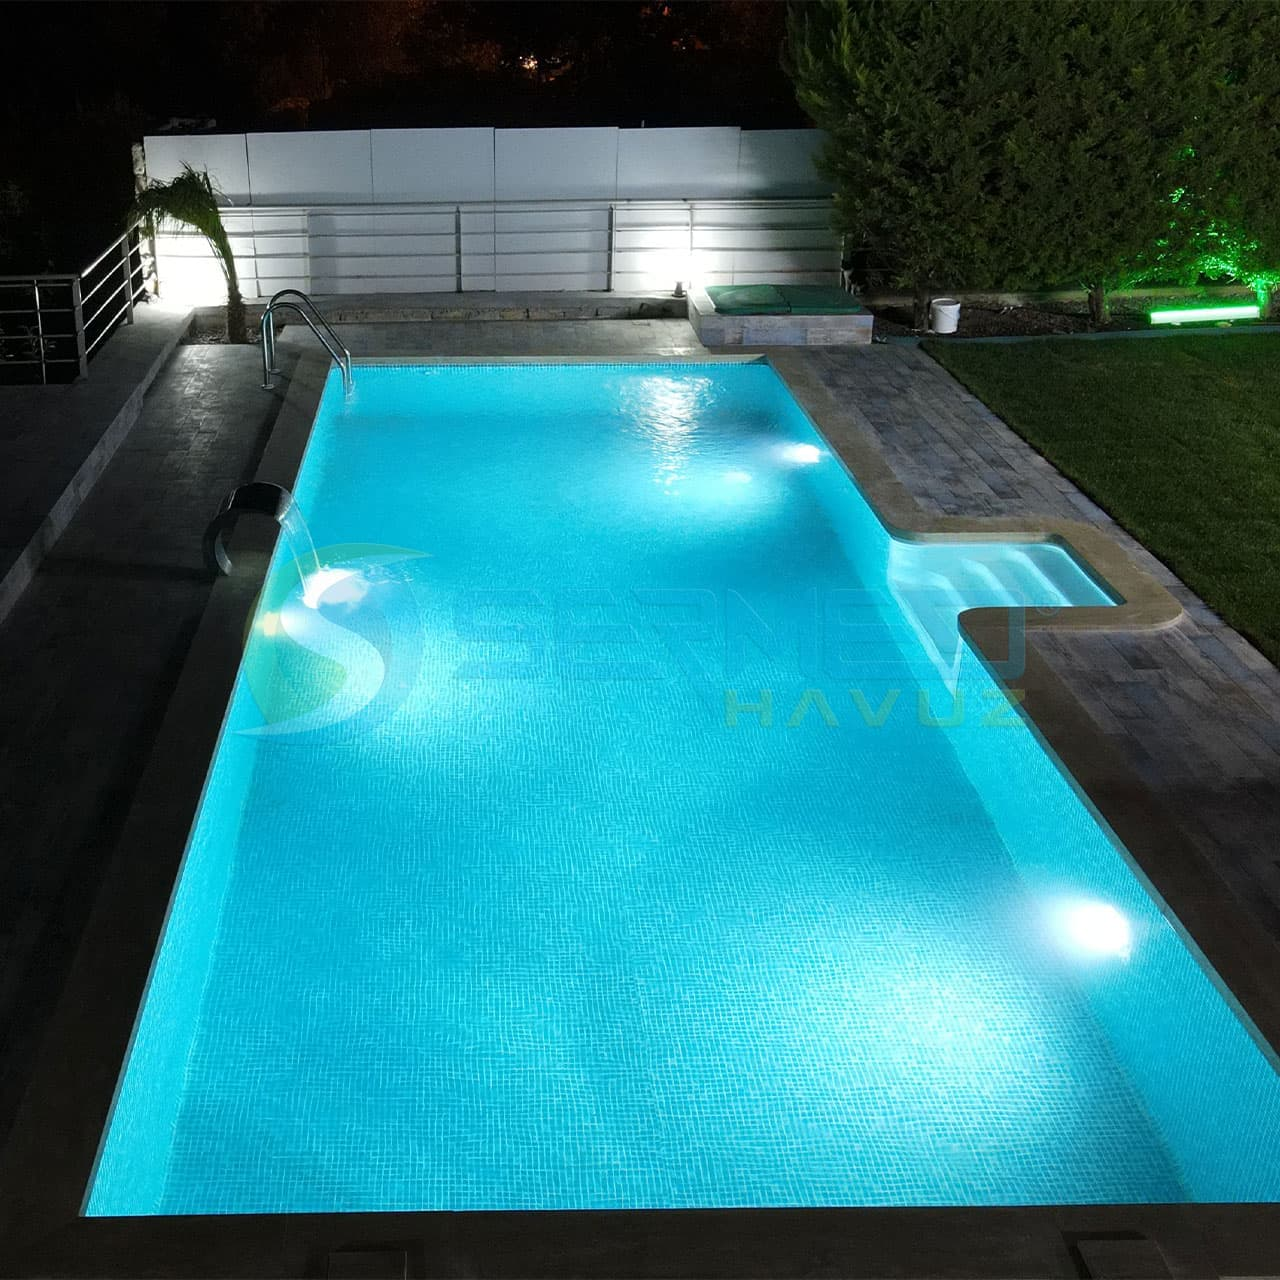 İzmir'de Saliha İpek Hanım Fipool Plus Havuz Sermed Havuz tarafından yapıldı.